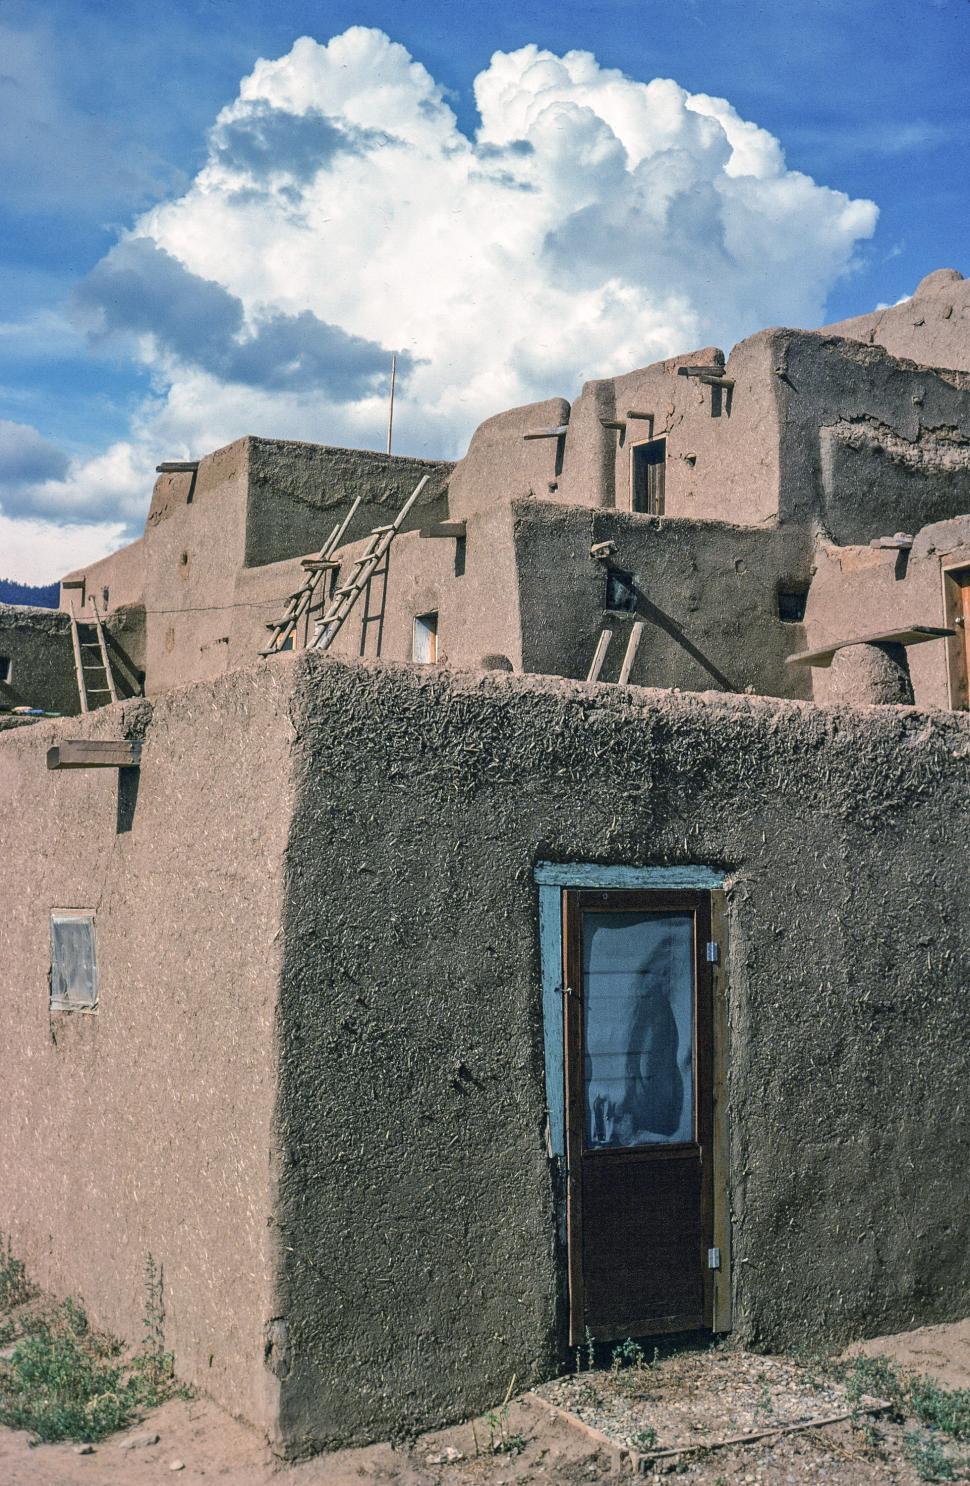 Download Free Stock HD Photo of Pueblo house door Online